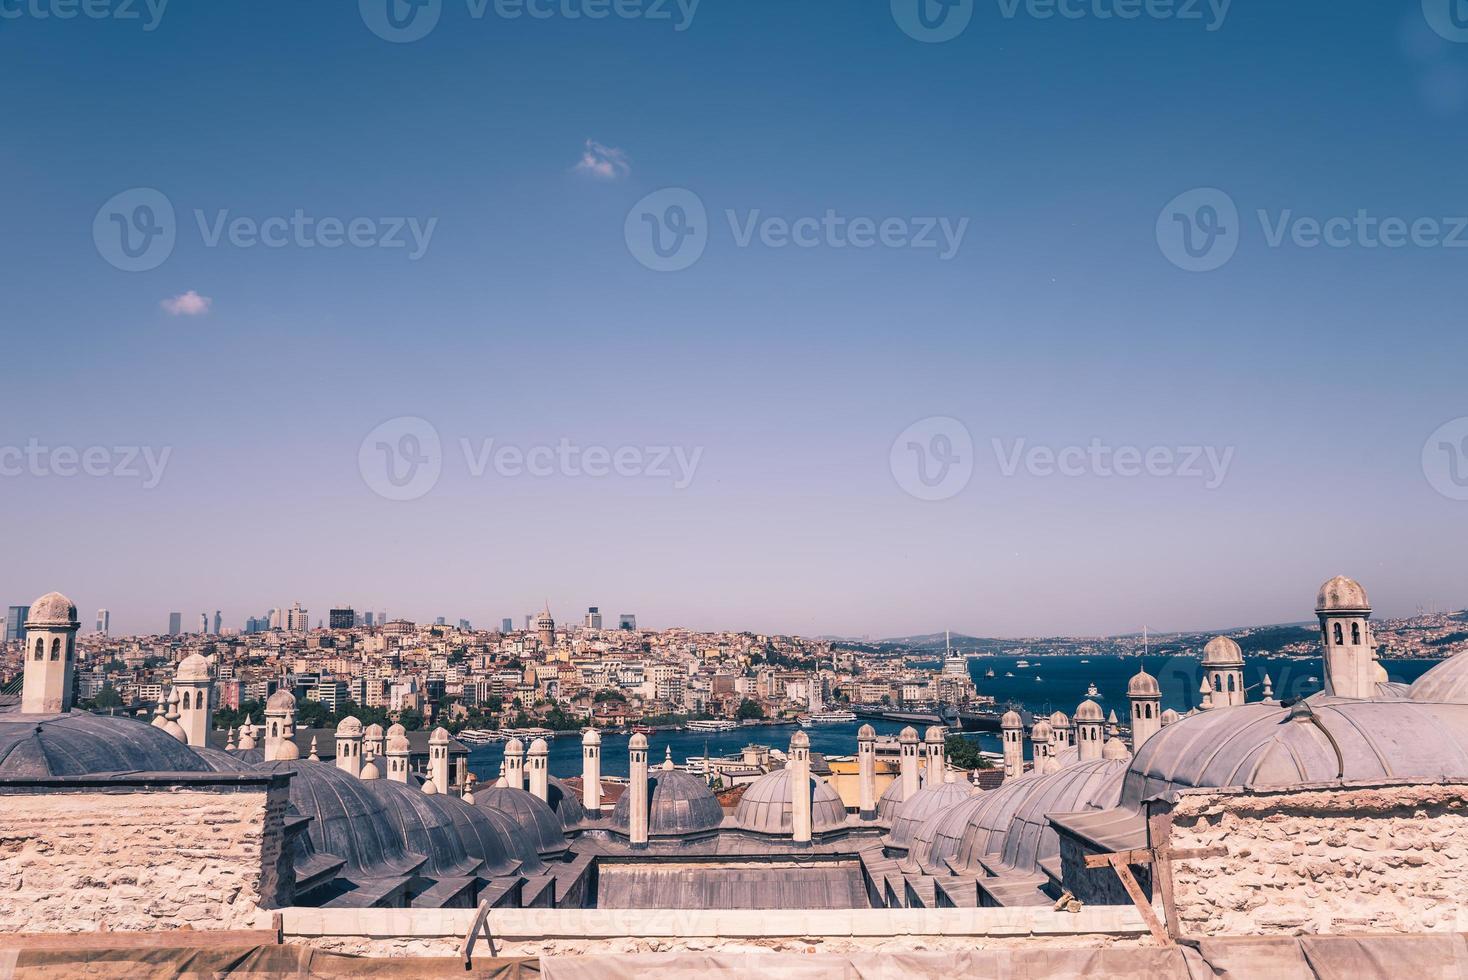 hoog zicht op de Bosporus zee en de stad Istanbul foto